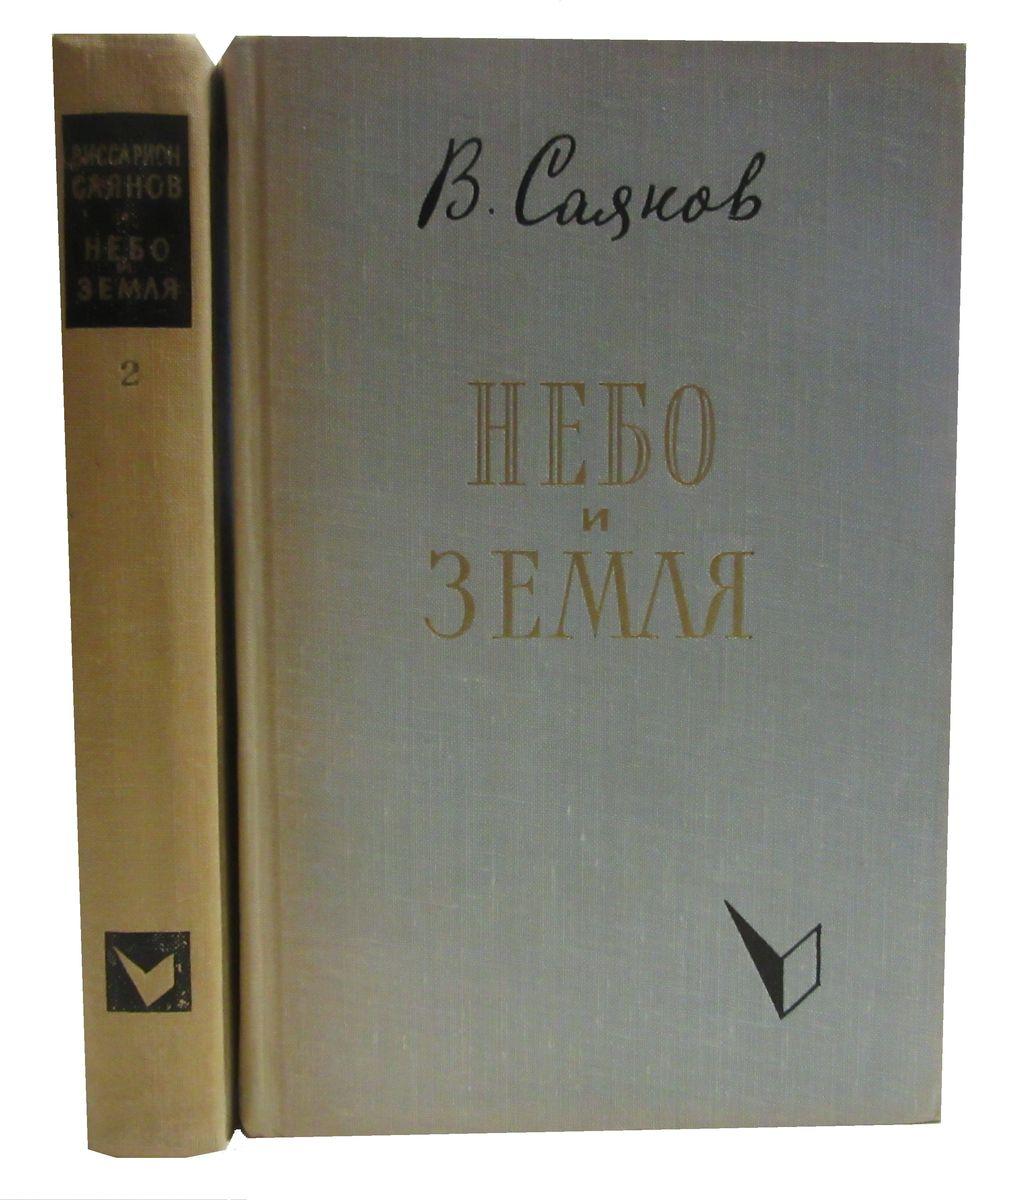 Саянов Виссарион Небо и земля (комплект из 2 книг) василиада комплект из 2 книг